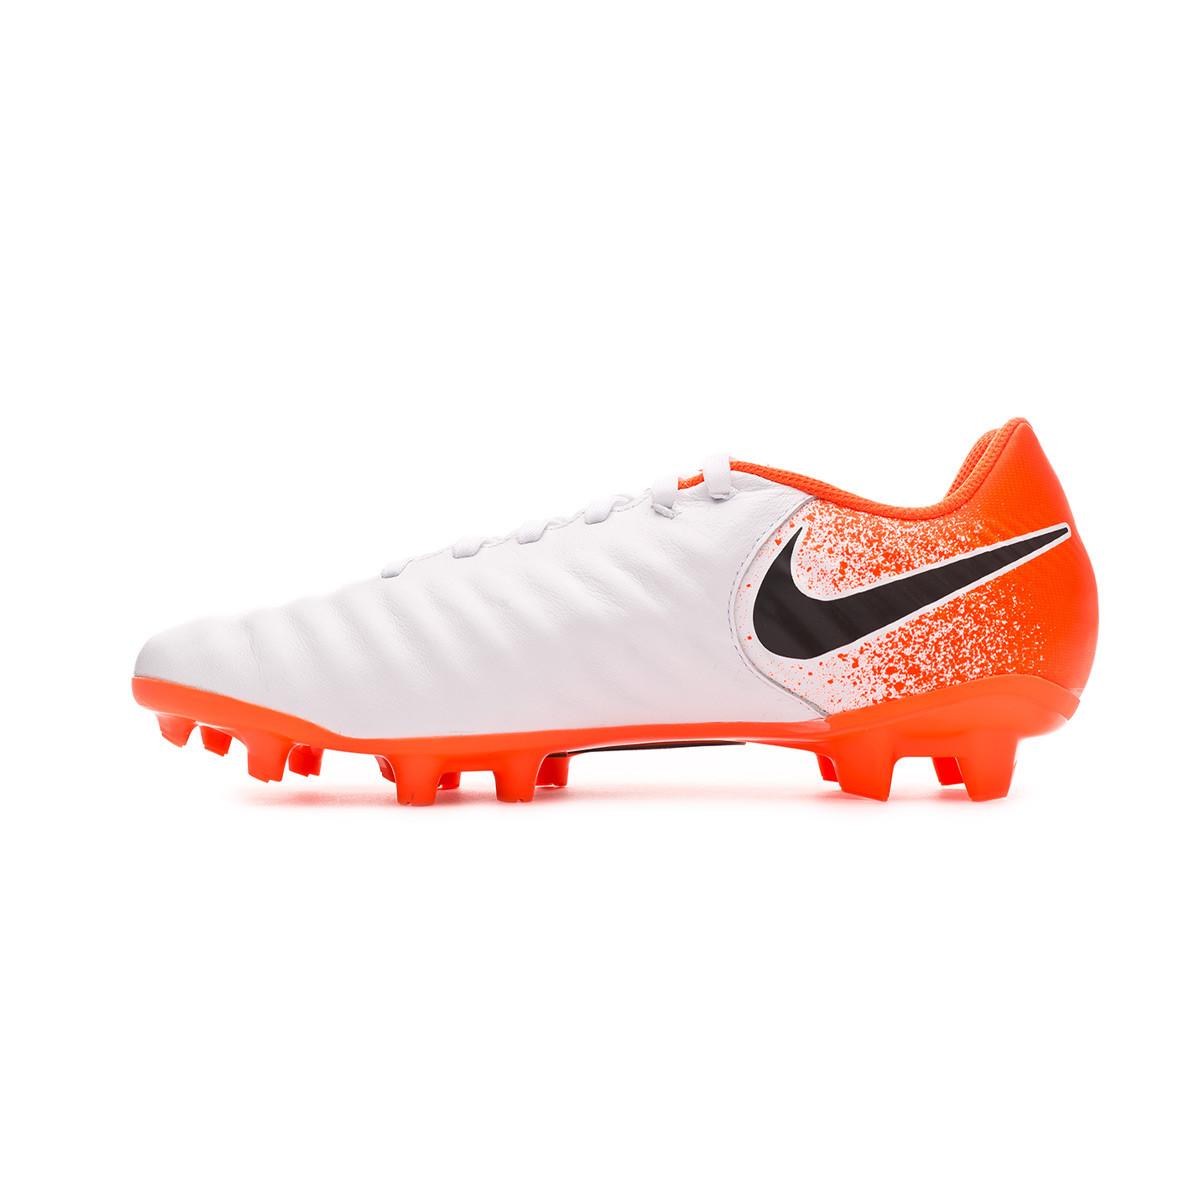 1b924ba8440 Zapatos de fútbol Nike Tiempo Legend VII Academy FG White-Black-Hyper  crimson - Tienda de fútbol Fútbol Emotion